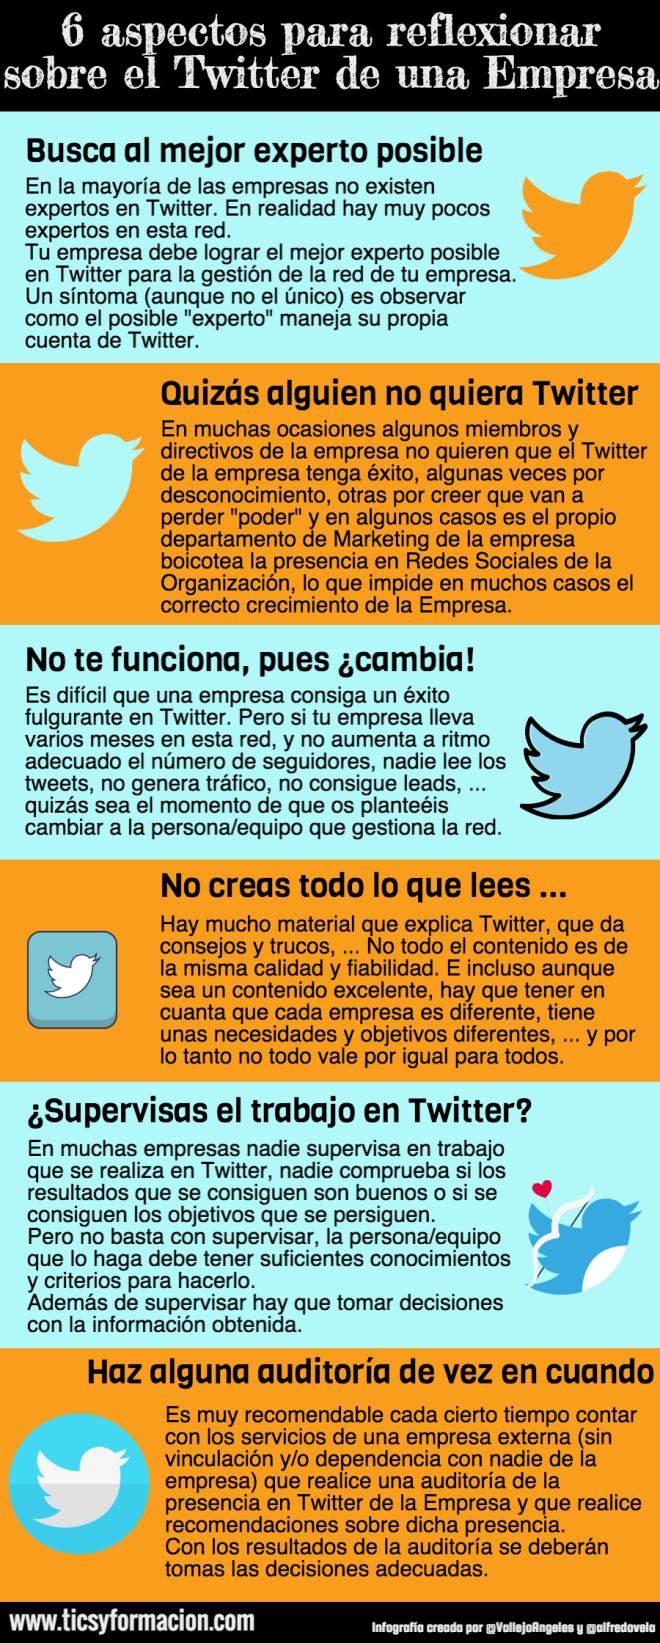 6 aspectos para reflexionar sobre el Twitter de una Empresa